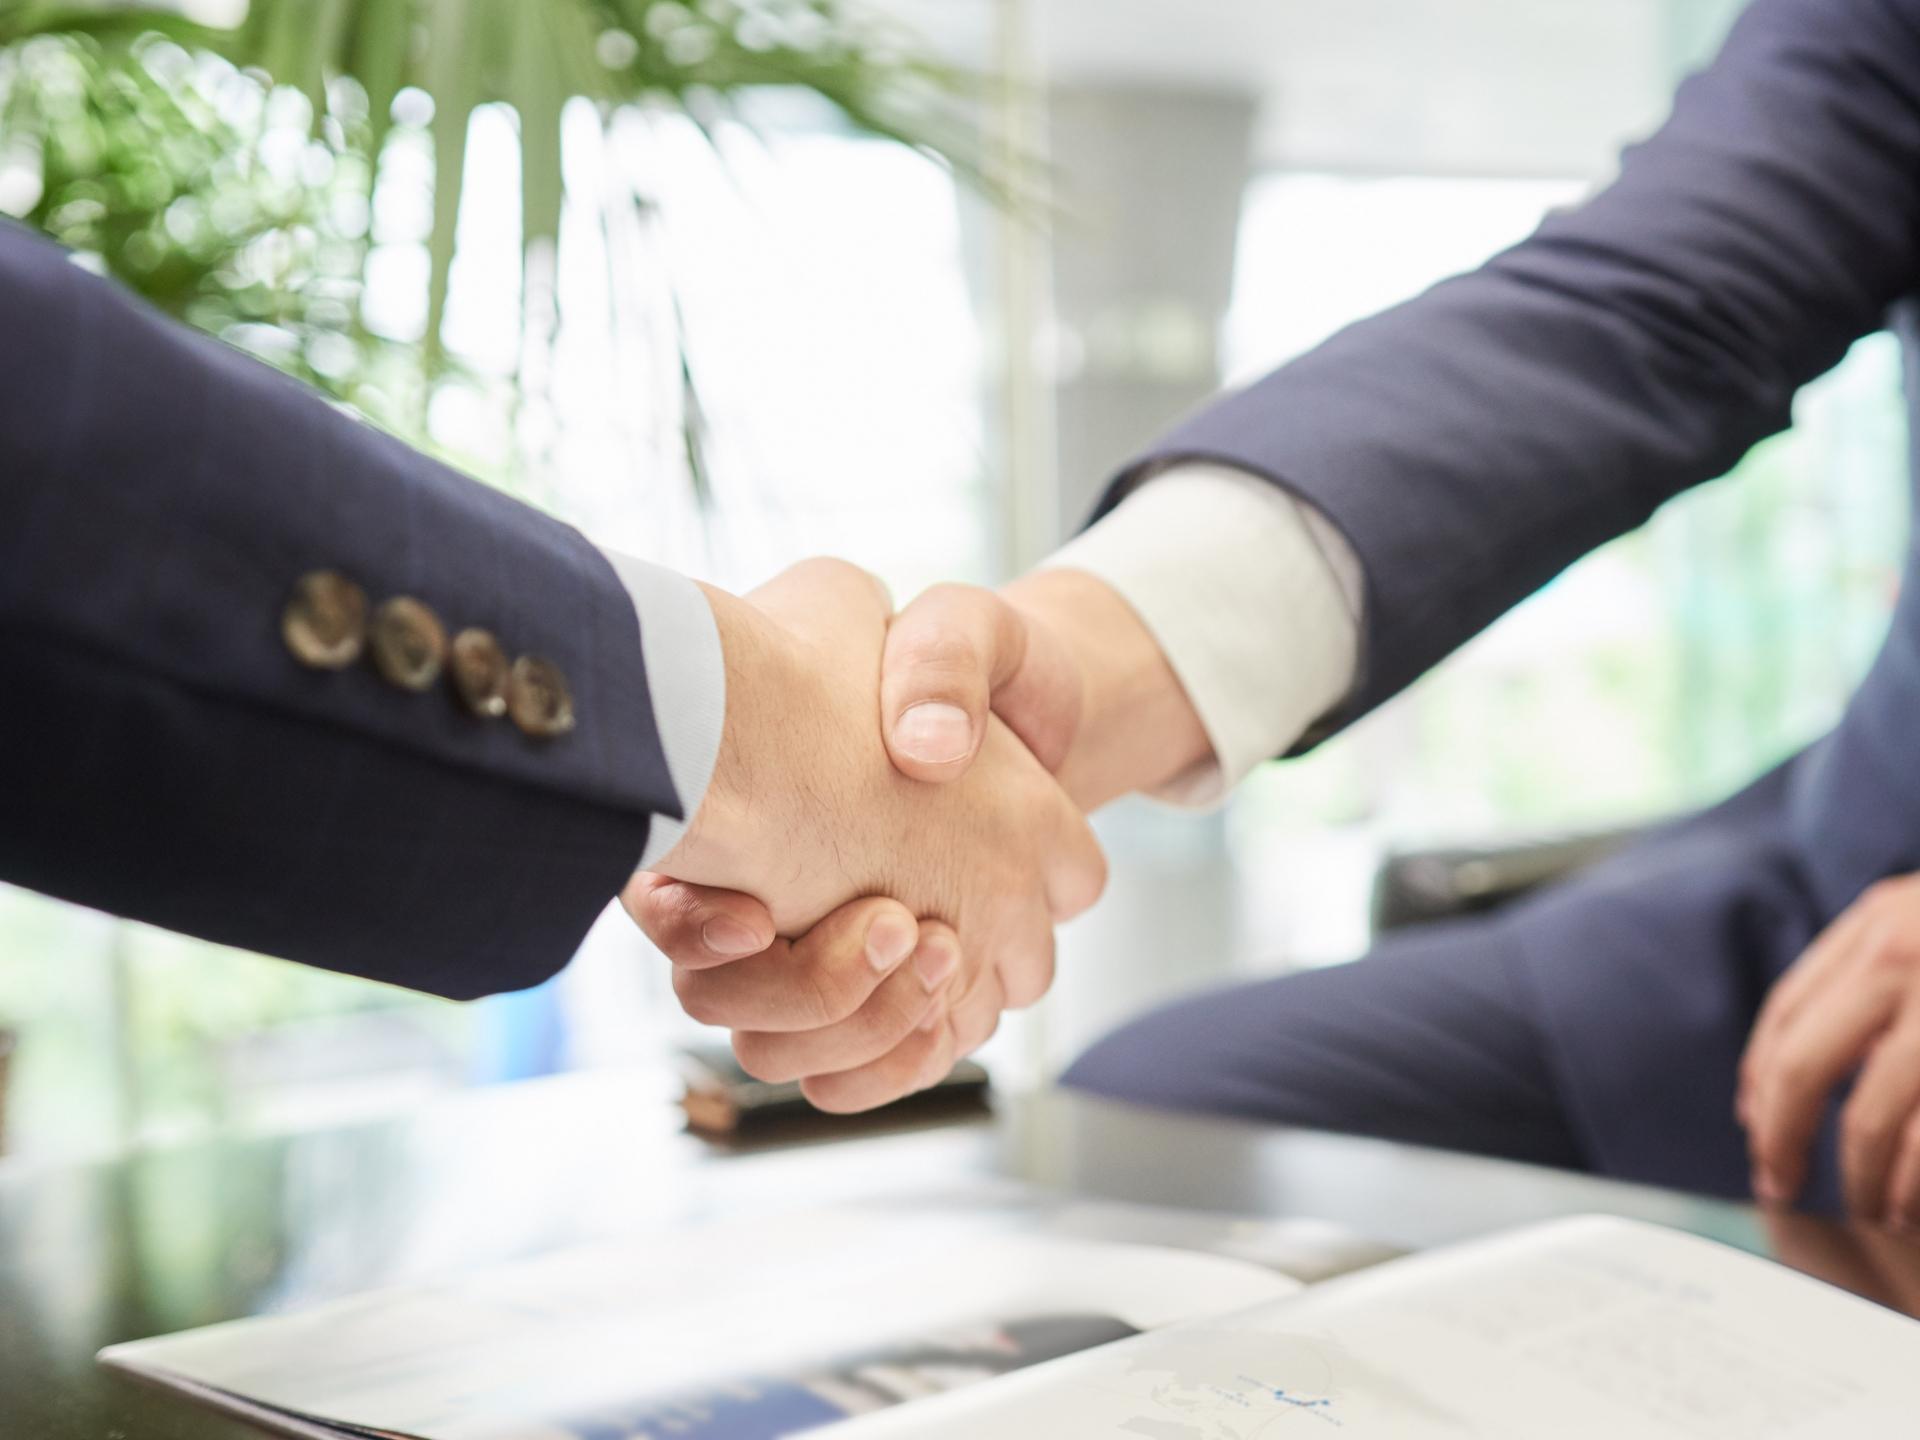 転職活動に有利なコネ入社。転職後のメリットとデメリットとは?